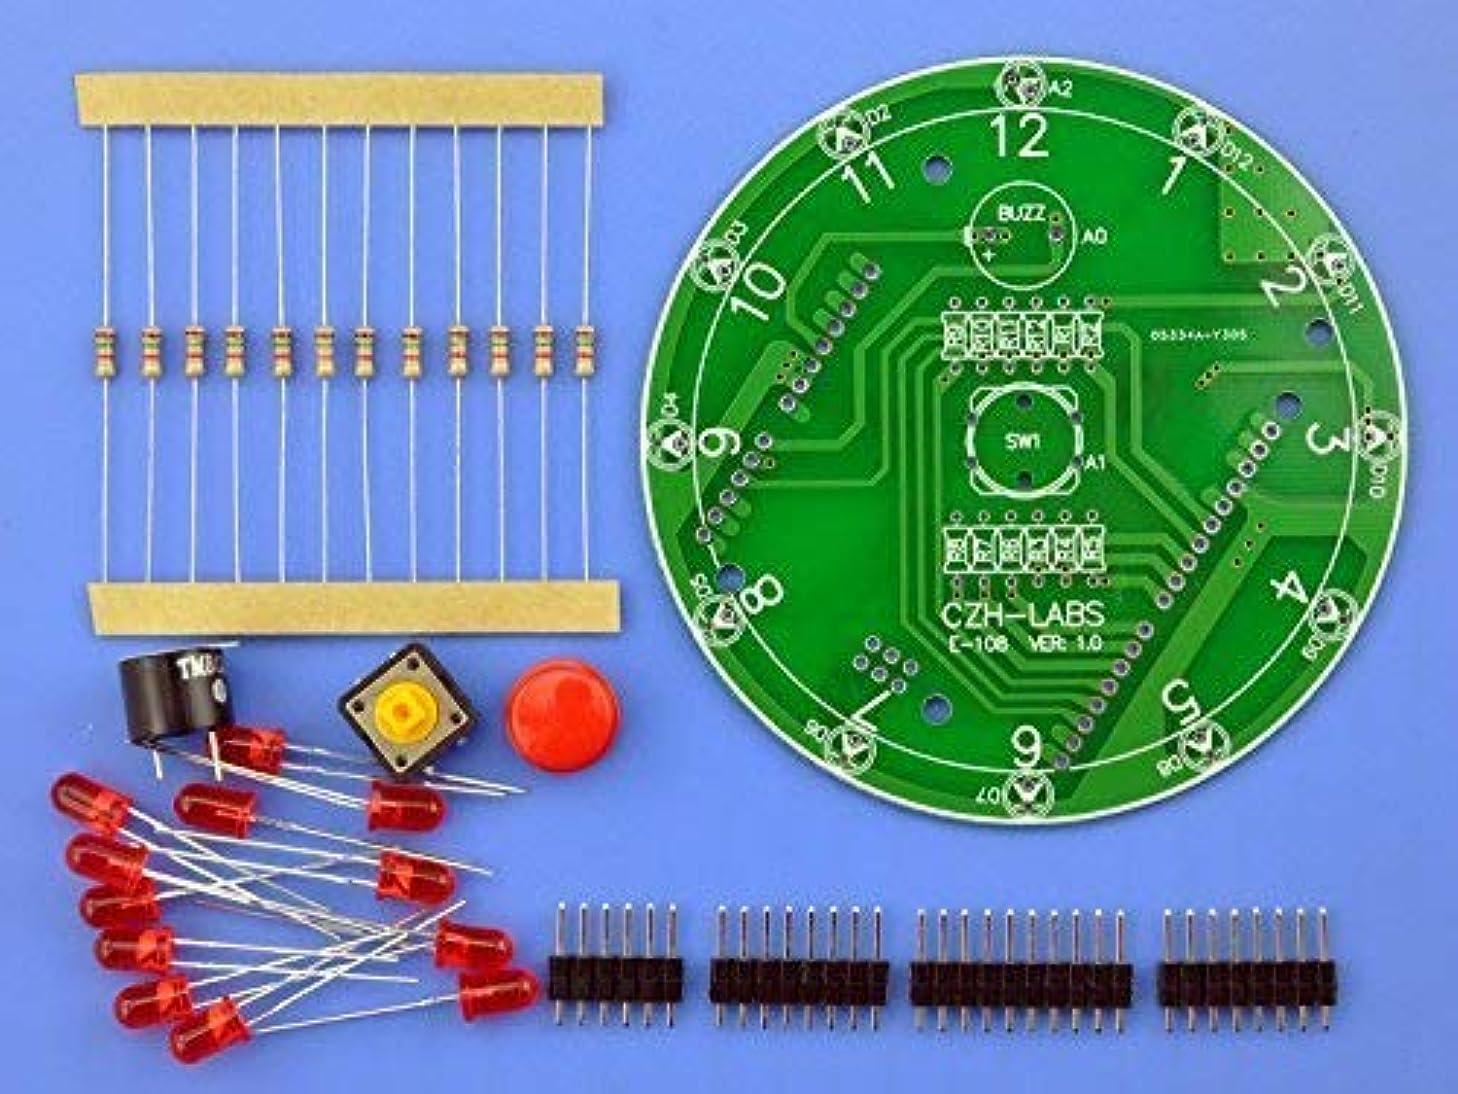 ケーブルカー快適踏み台CZH-LABS elecronics-サロン12位 Arduino UNO R3用 電子ラッキーロータリーボードキット主導しました